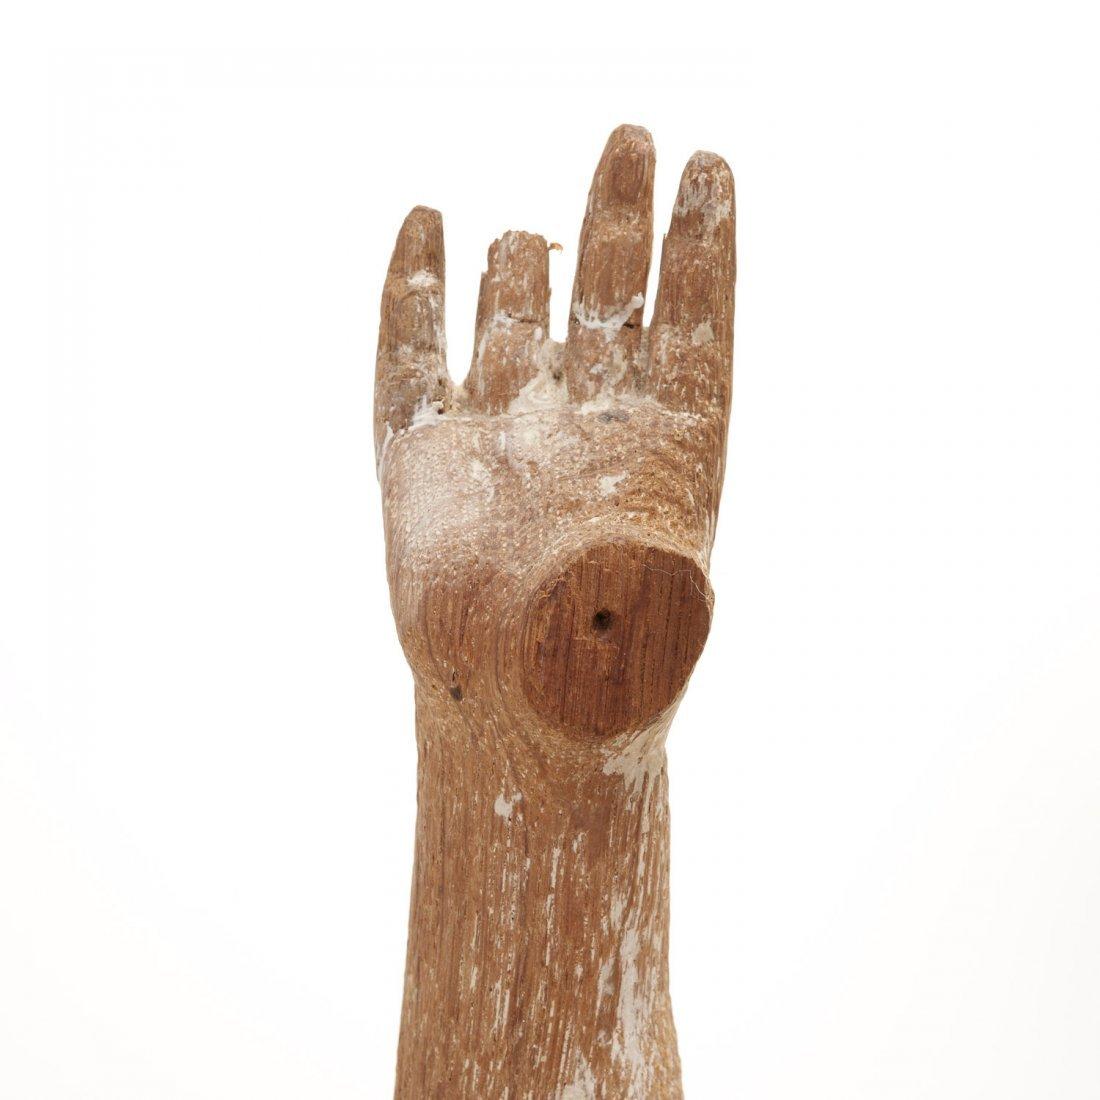 Pr Antique Continental carved, cerused oak angels - 7